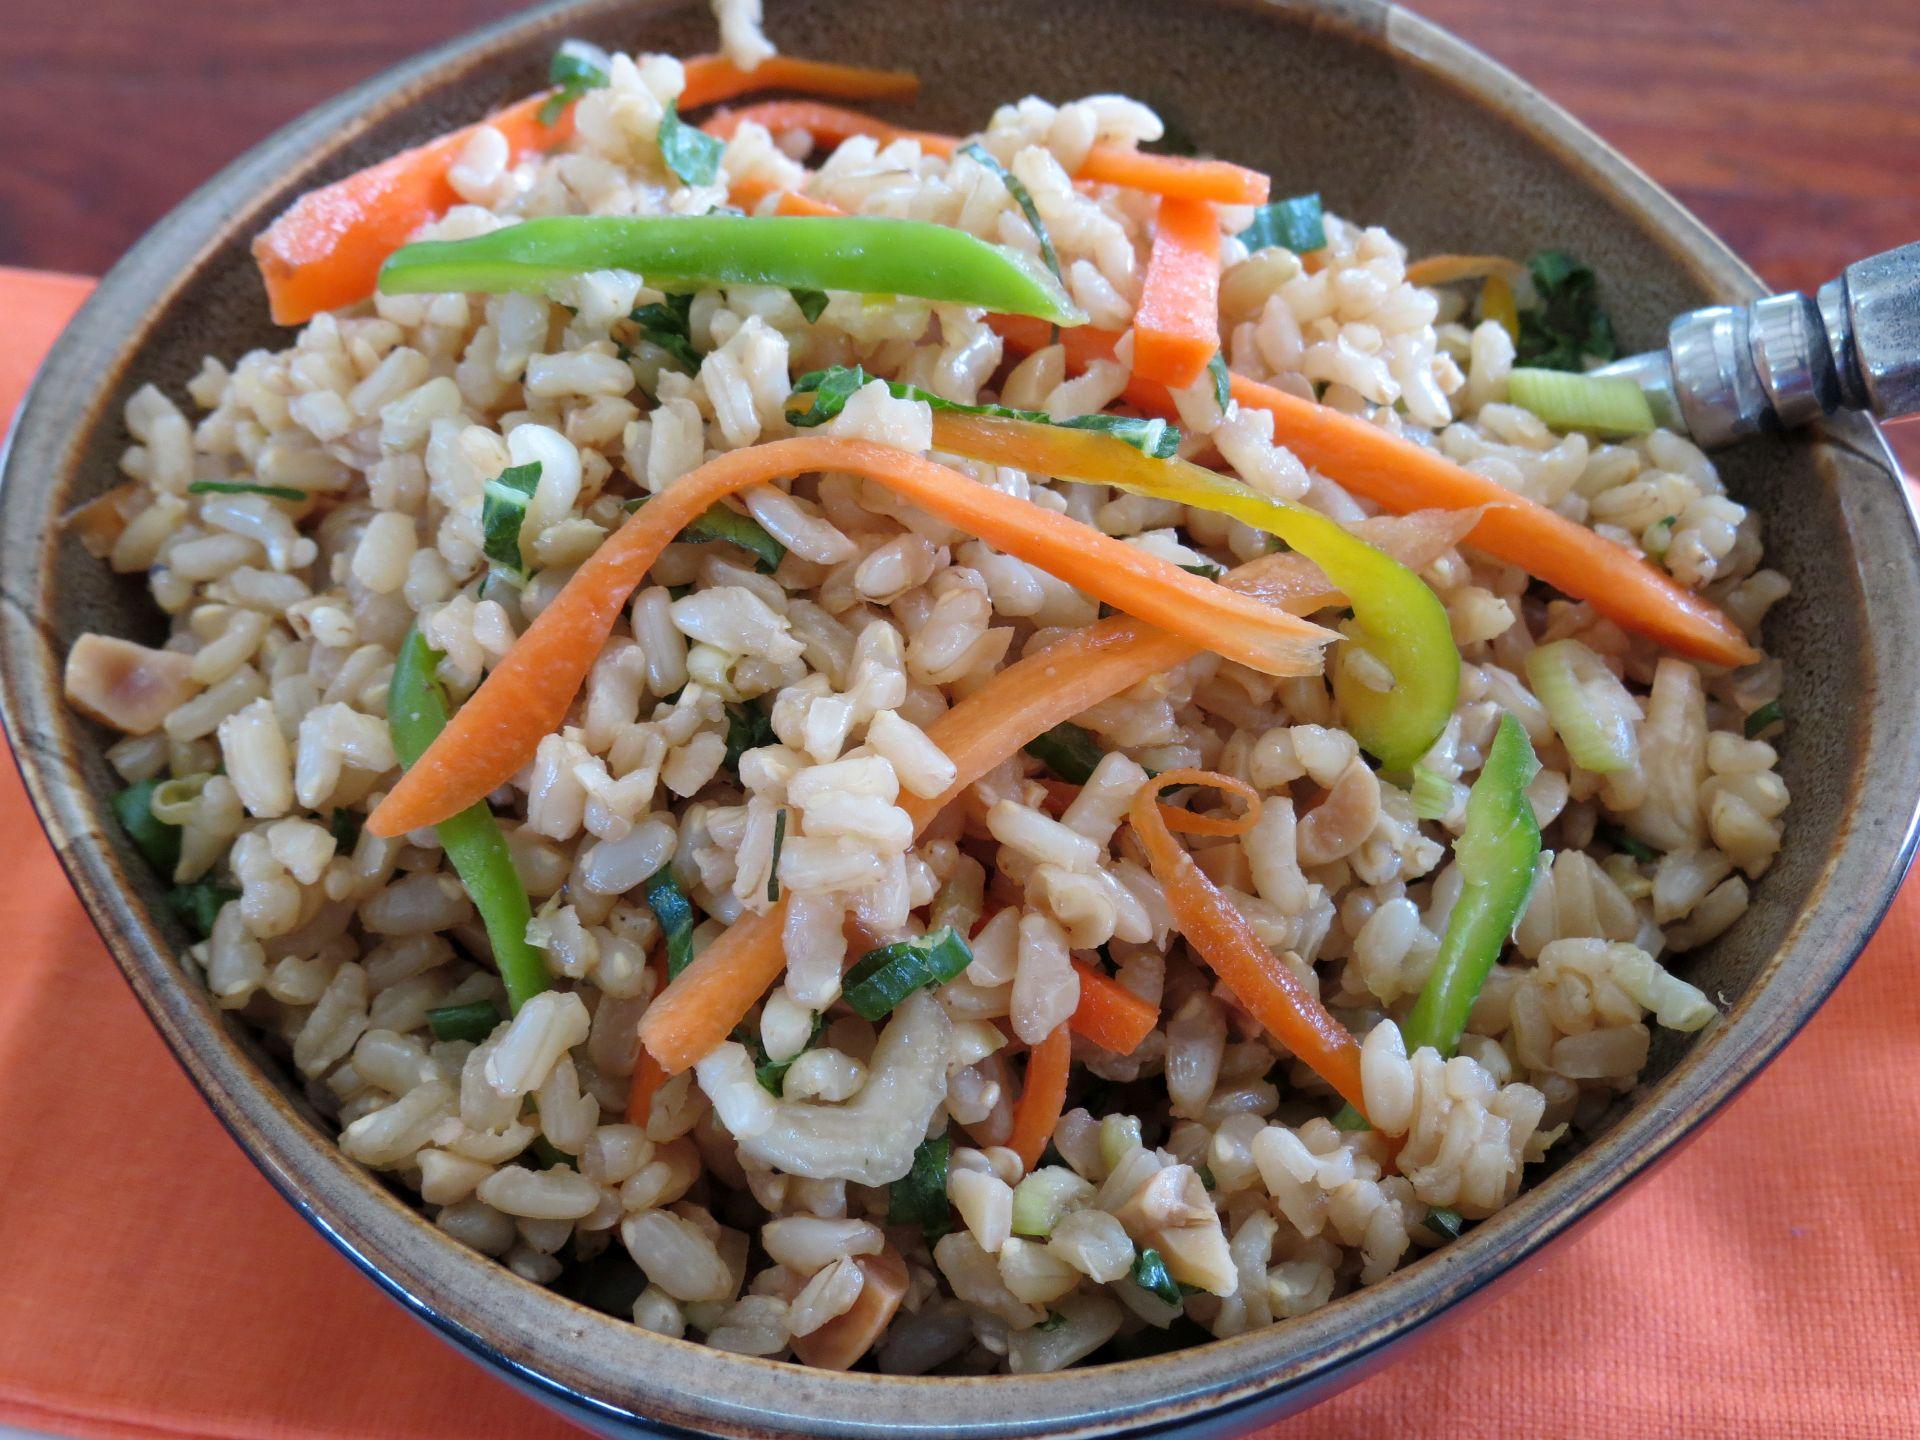 Ensalada de arroz integral the frugal chef - Ensalada de arroz light ...